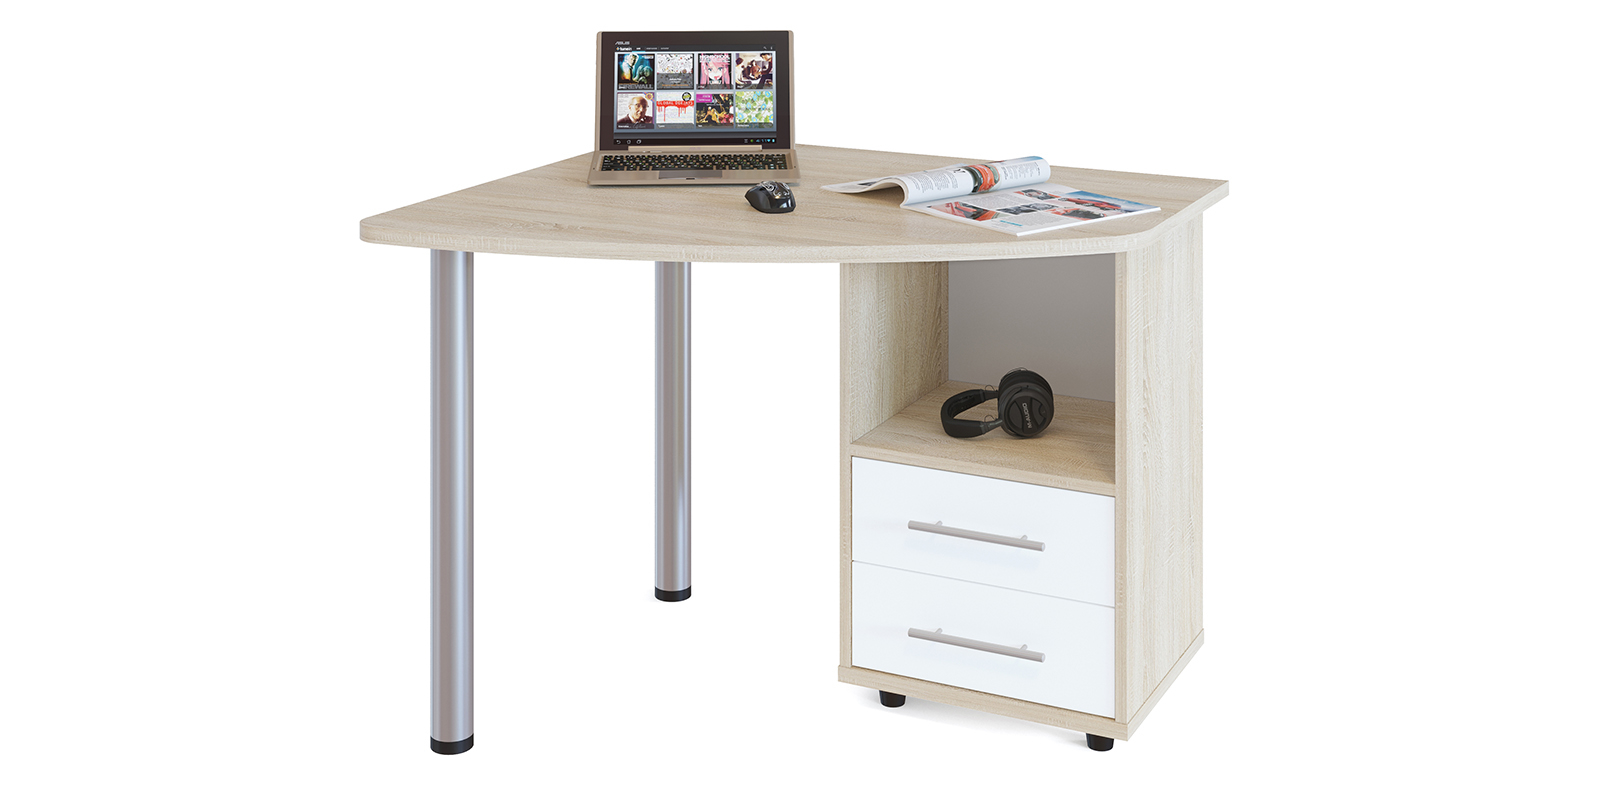 Стол компьютерный HomeMe Гала компьютерный стол недорого в москве стеклянный